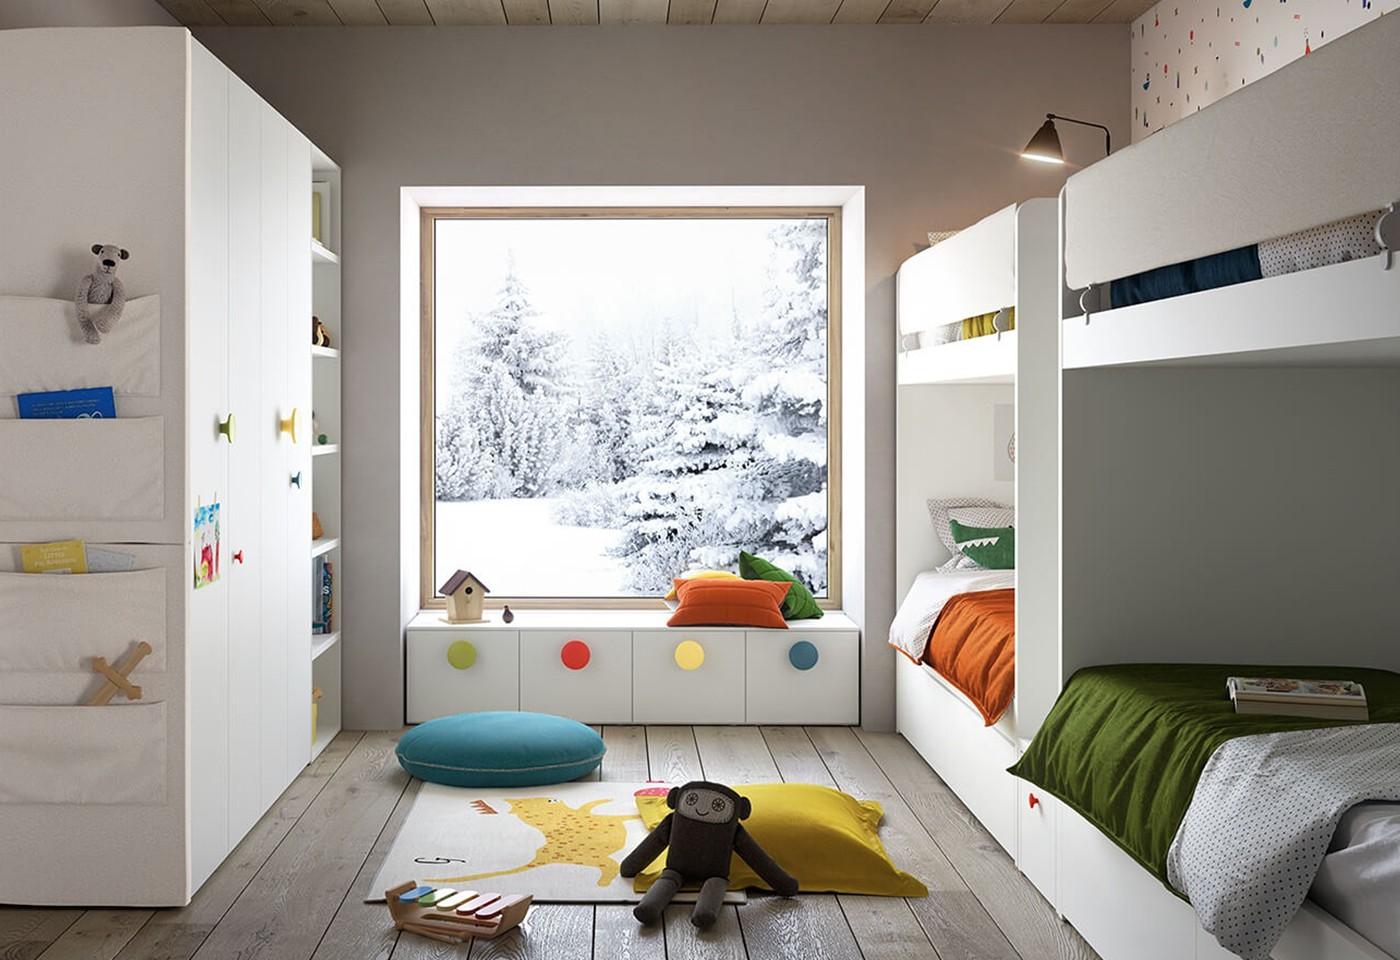 Camerette Per Bimbi Piccoli camerette per bambini: il design entra nel mondo dei più piccoli